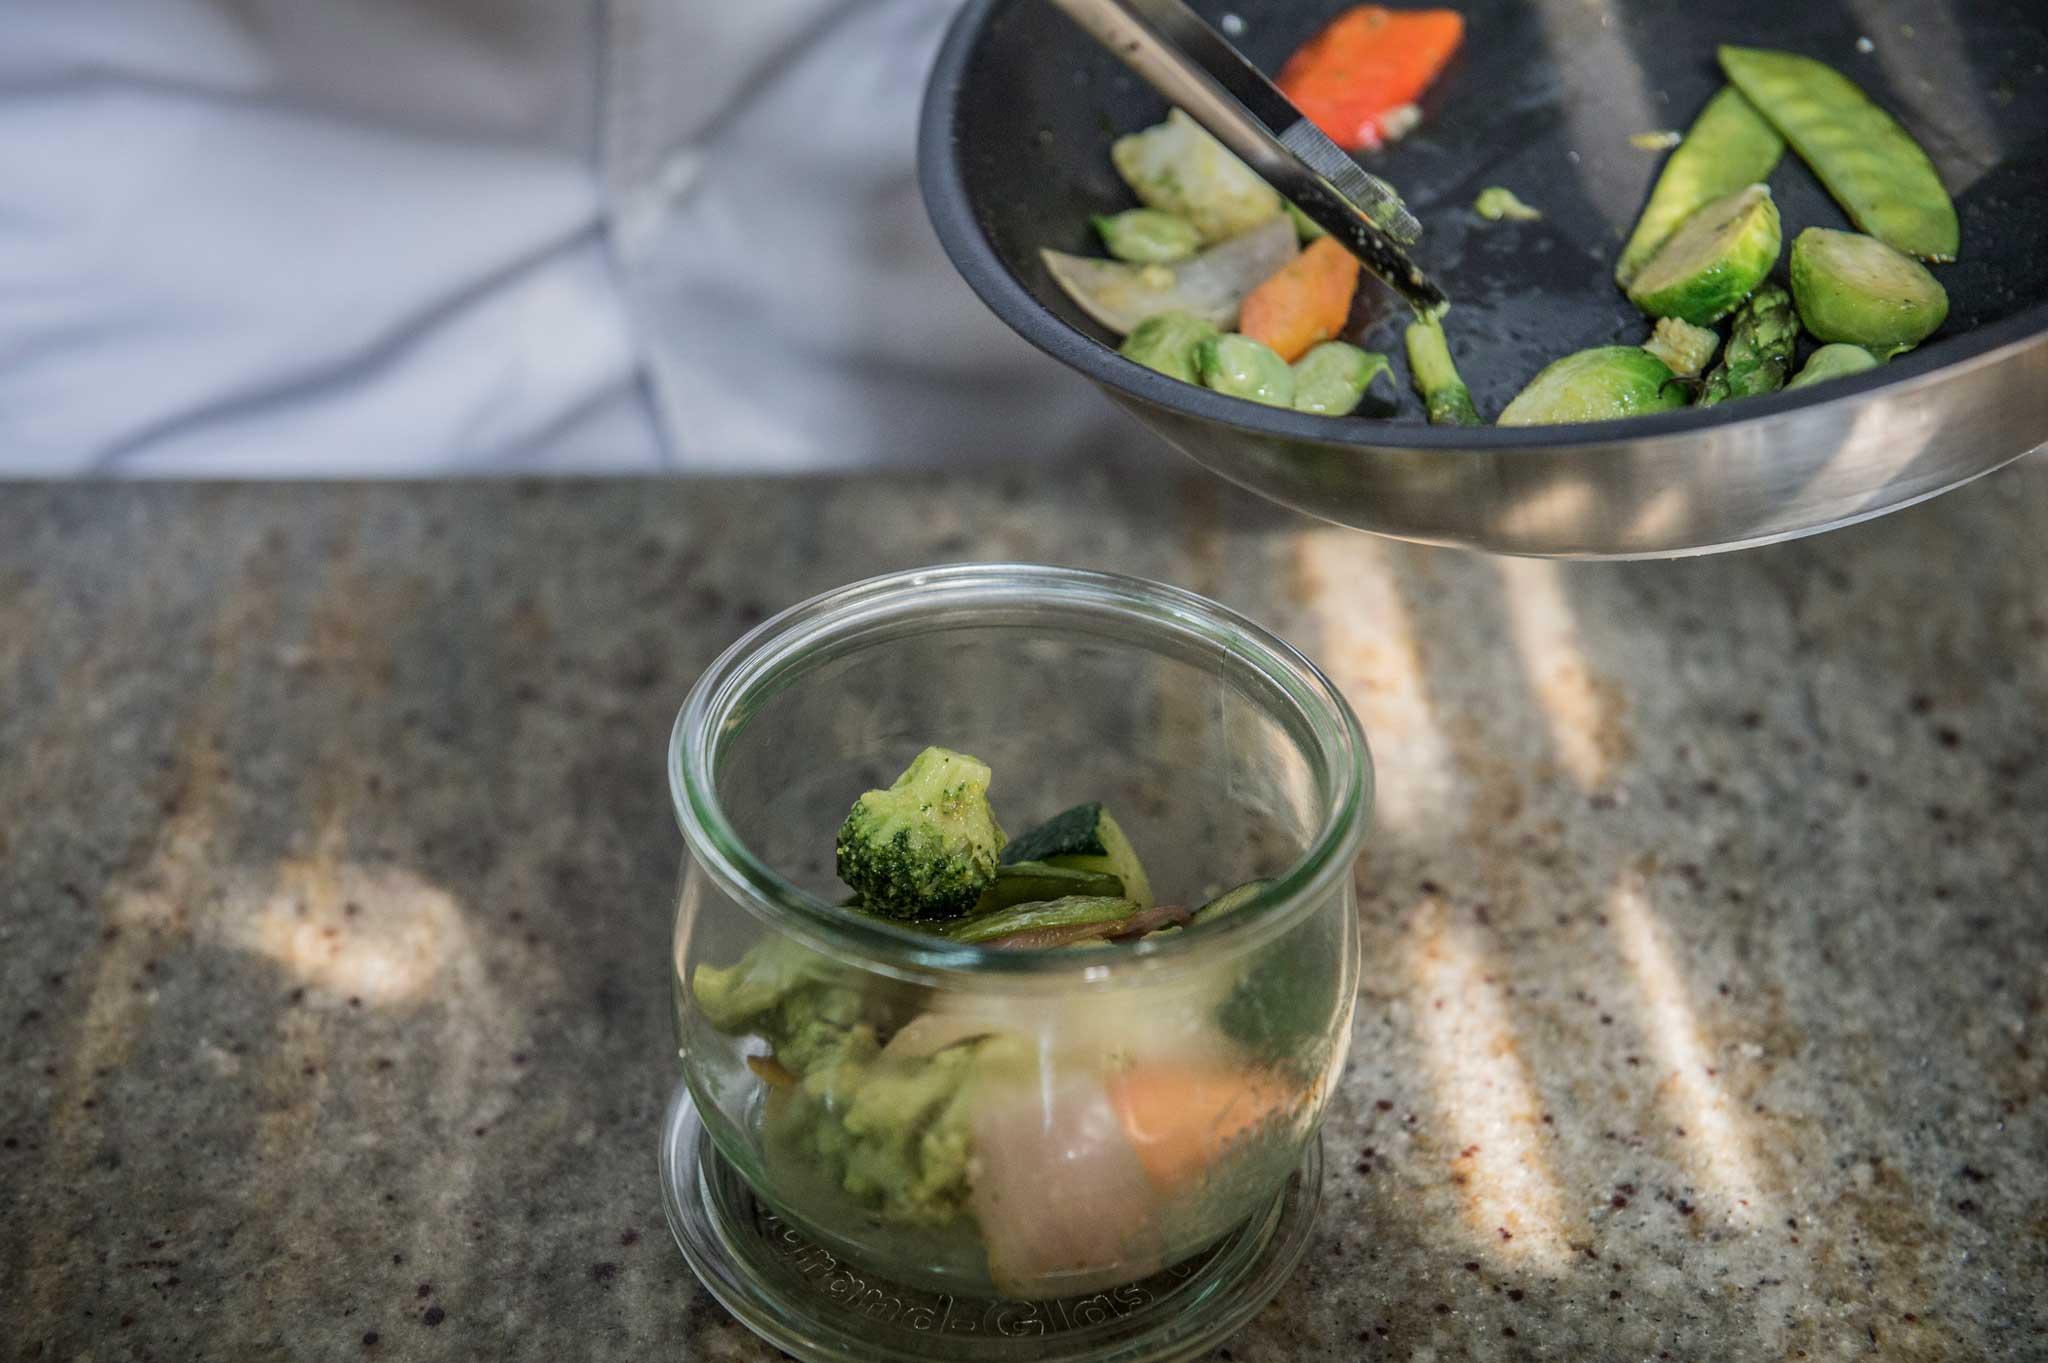 preparazione piatti in vetro